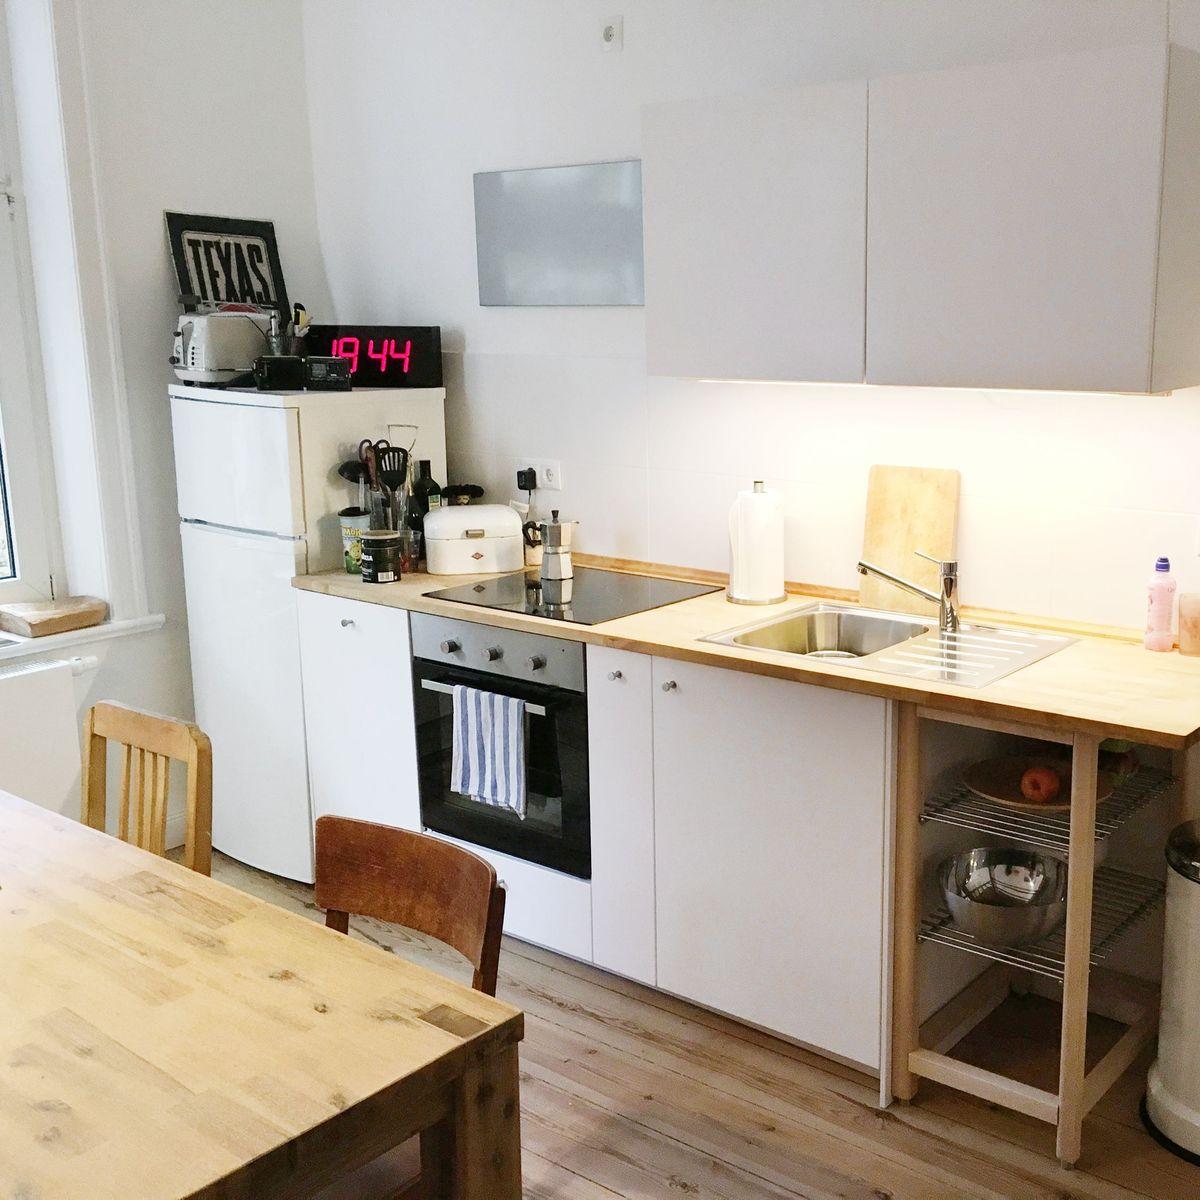 Full Size of Inselküche Ikea Betten 160x200 Sofa Mit Schlaffunktion Küche Kosten Bei Kaufen Abverkauf Miniküche Modulküche Wohnzimmer Inselküche Ikea